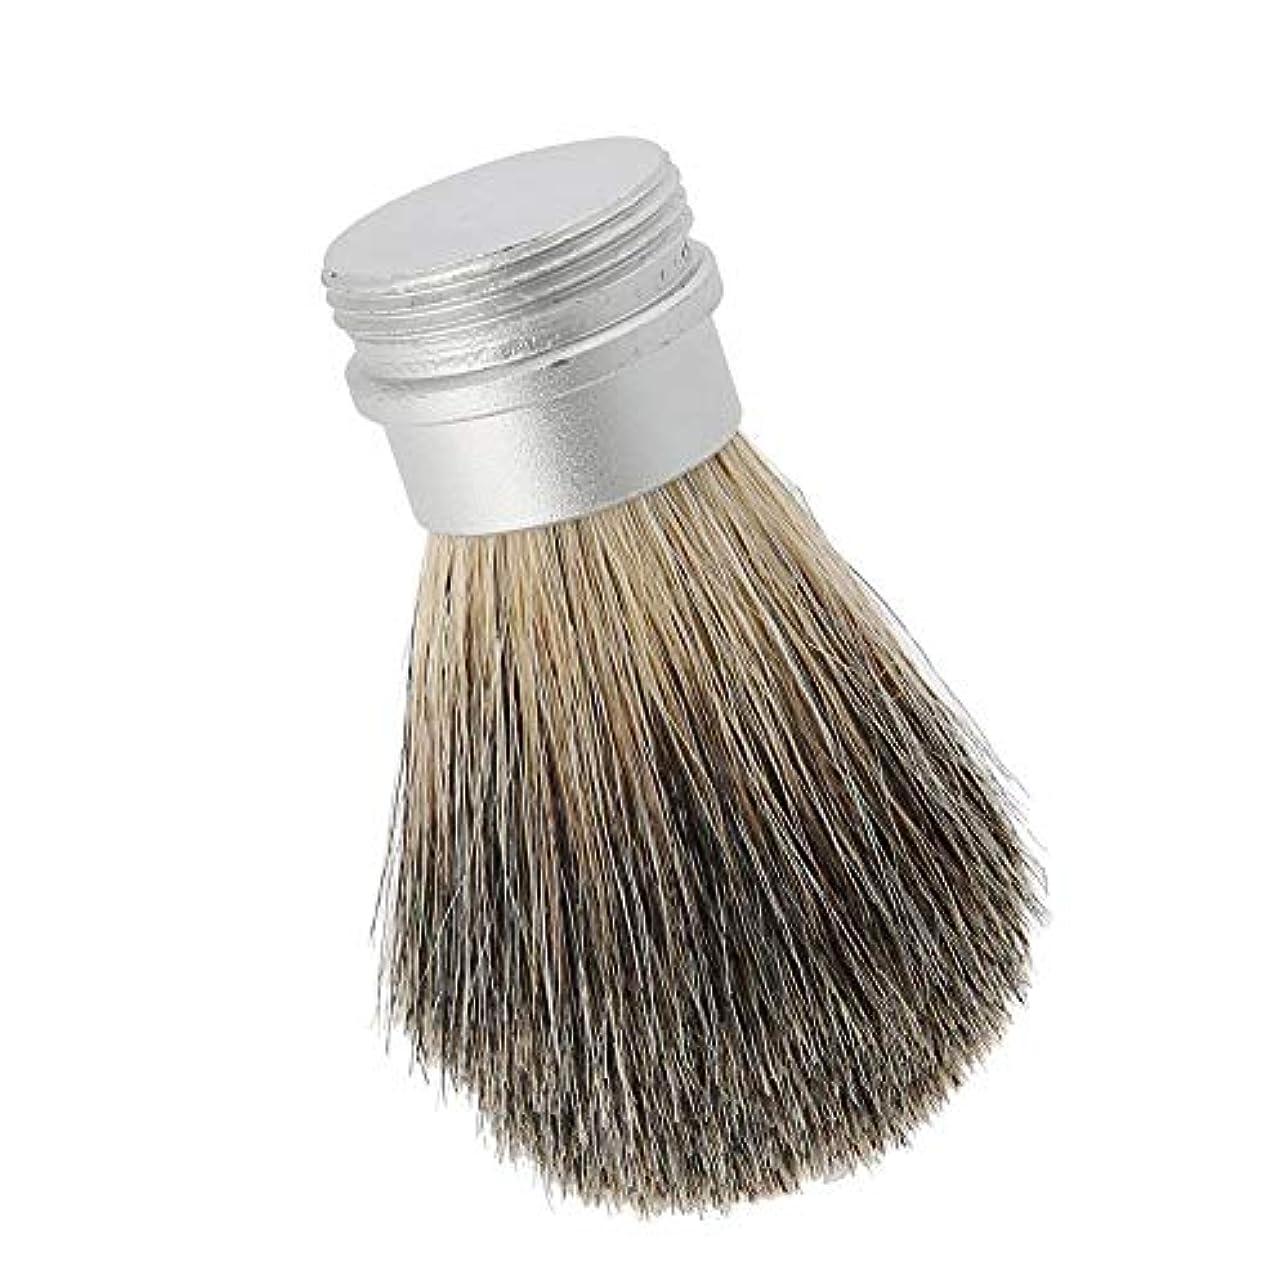 吸う仲間、同僚概してひげブラシひげ剃りツールポータブルひげブラシ男性のための最高のヘアブラシ口ひげブラシ